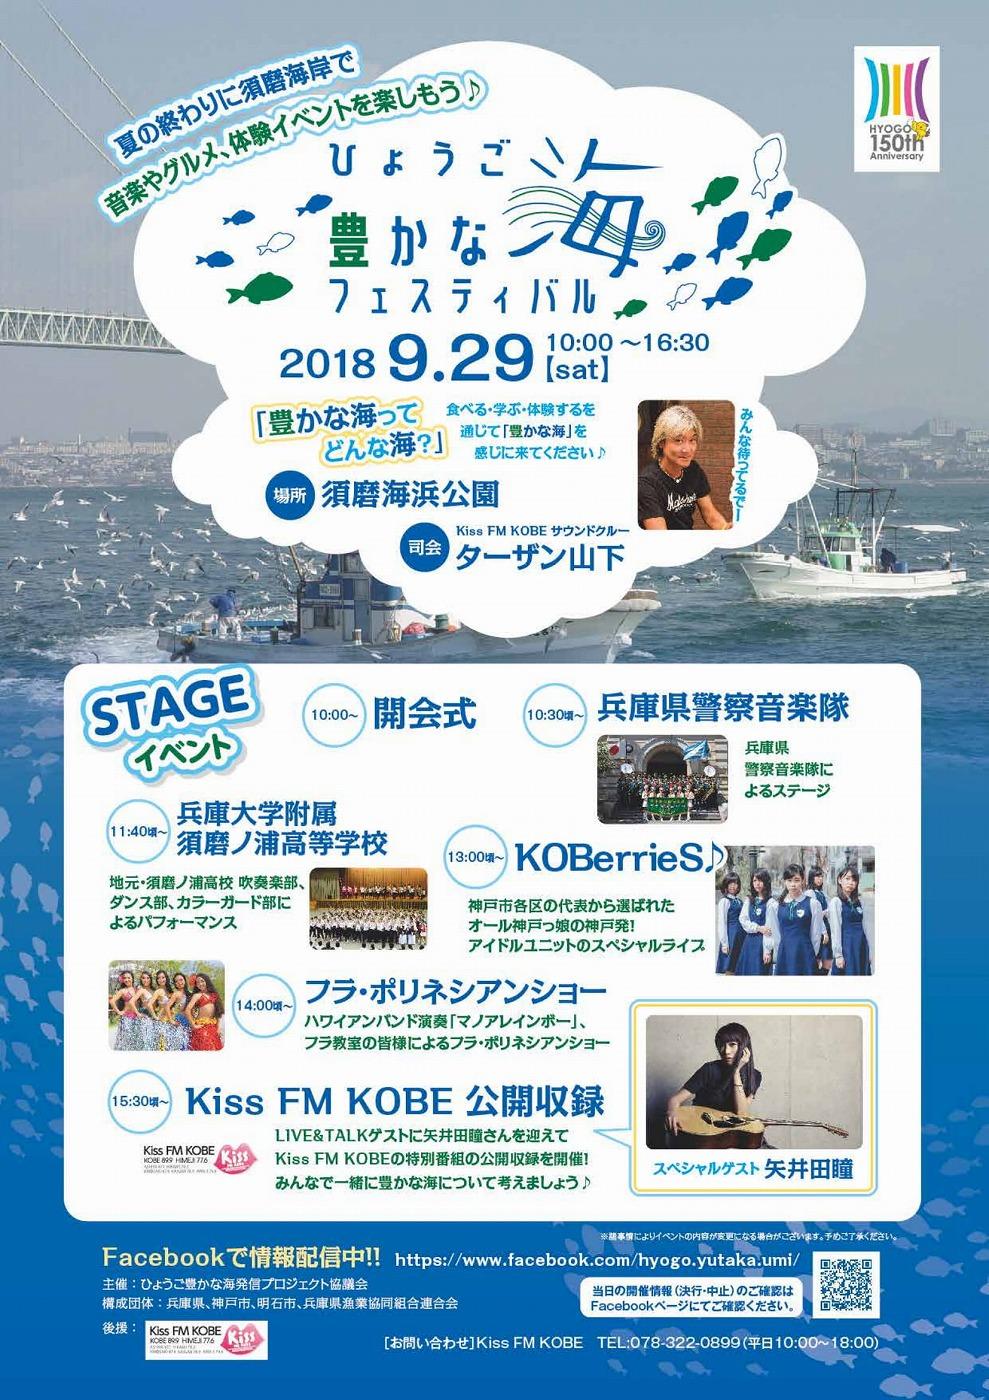 神戸・須磨海浜公園で9/29(土)「ひょうご豊かな海フェスティバル」が開催! KOBerrieS♪やスペシャルゲストに矢井田瞳さんが登場するよ! #ひょうご豊かな海フェスティバル #須磨海岸 #ターザン山下 #KOBerrieS #矢井田瞳 #須磨区 #KissFMKOBE